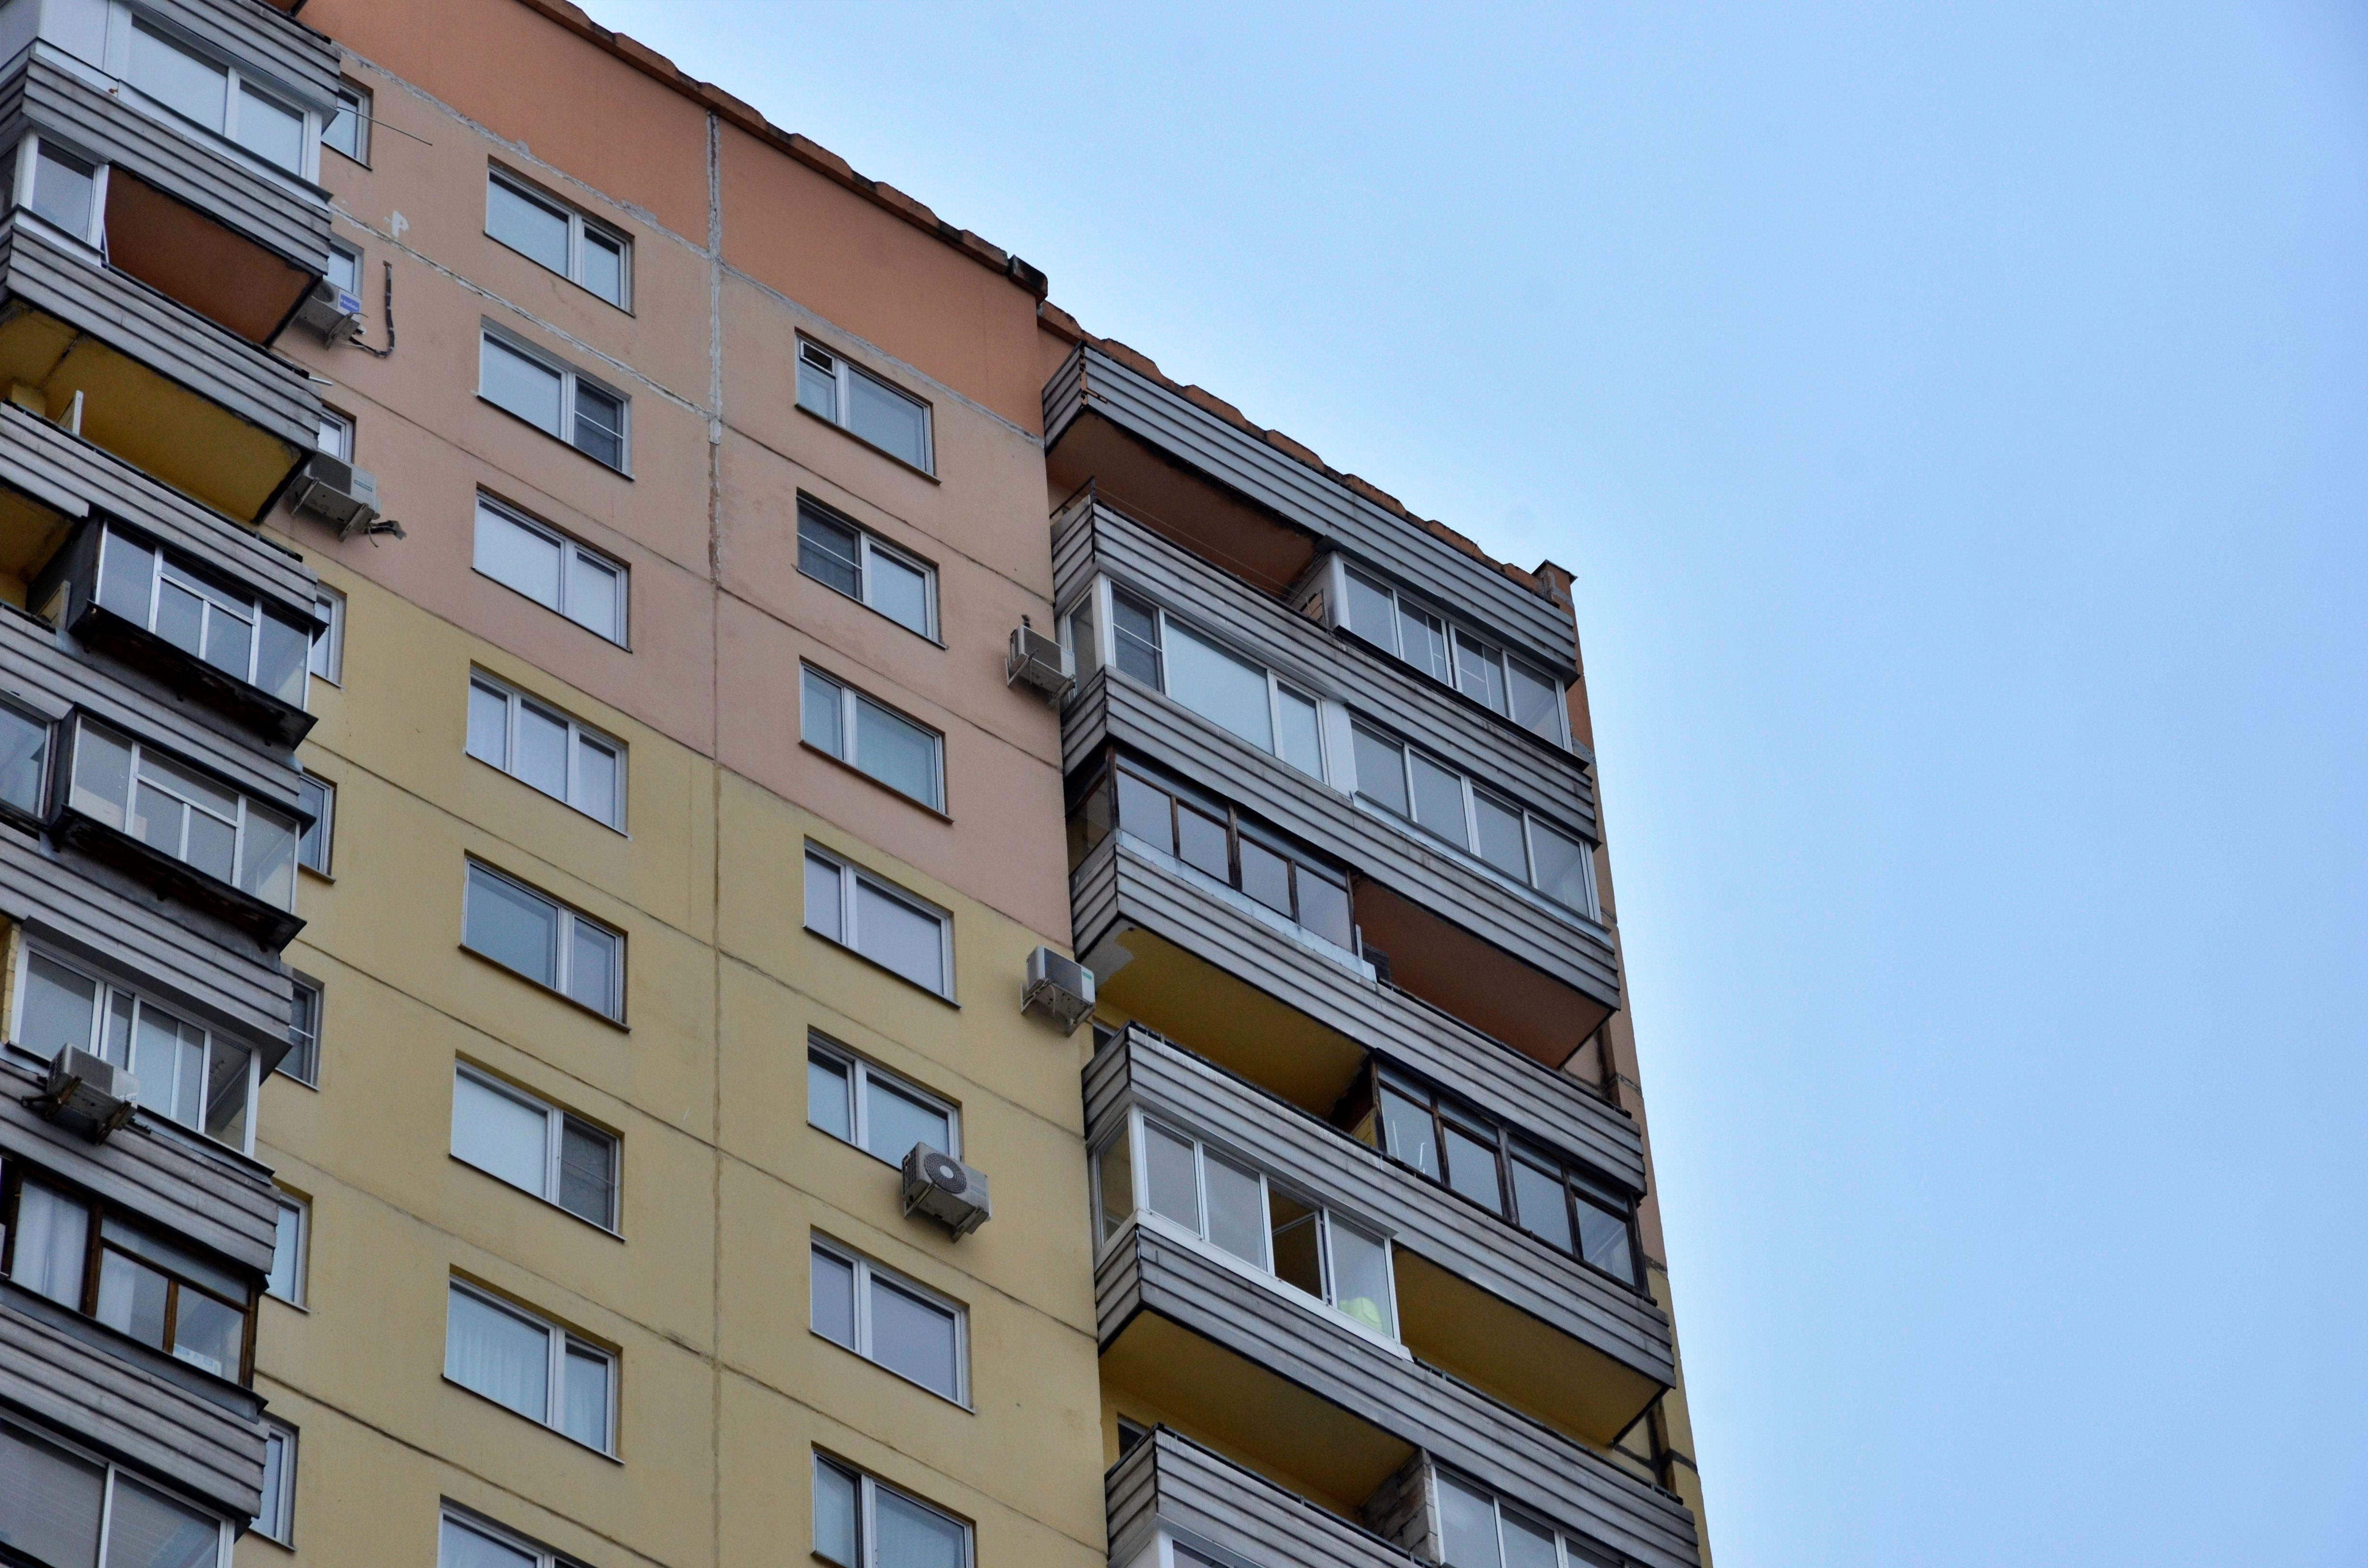 Специалисты проверят безопасность жилых домов в Кленовском